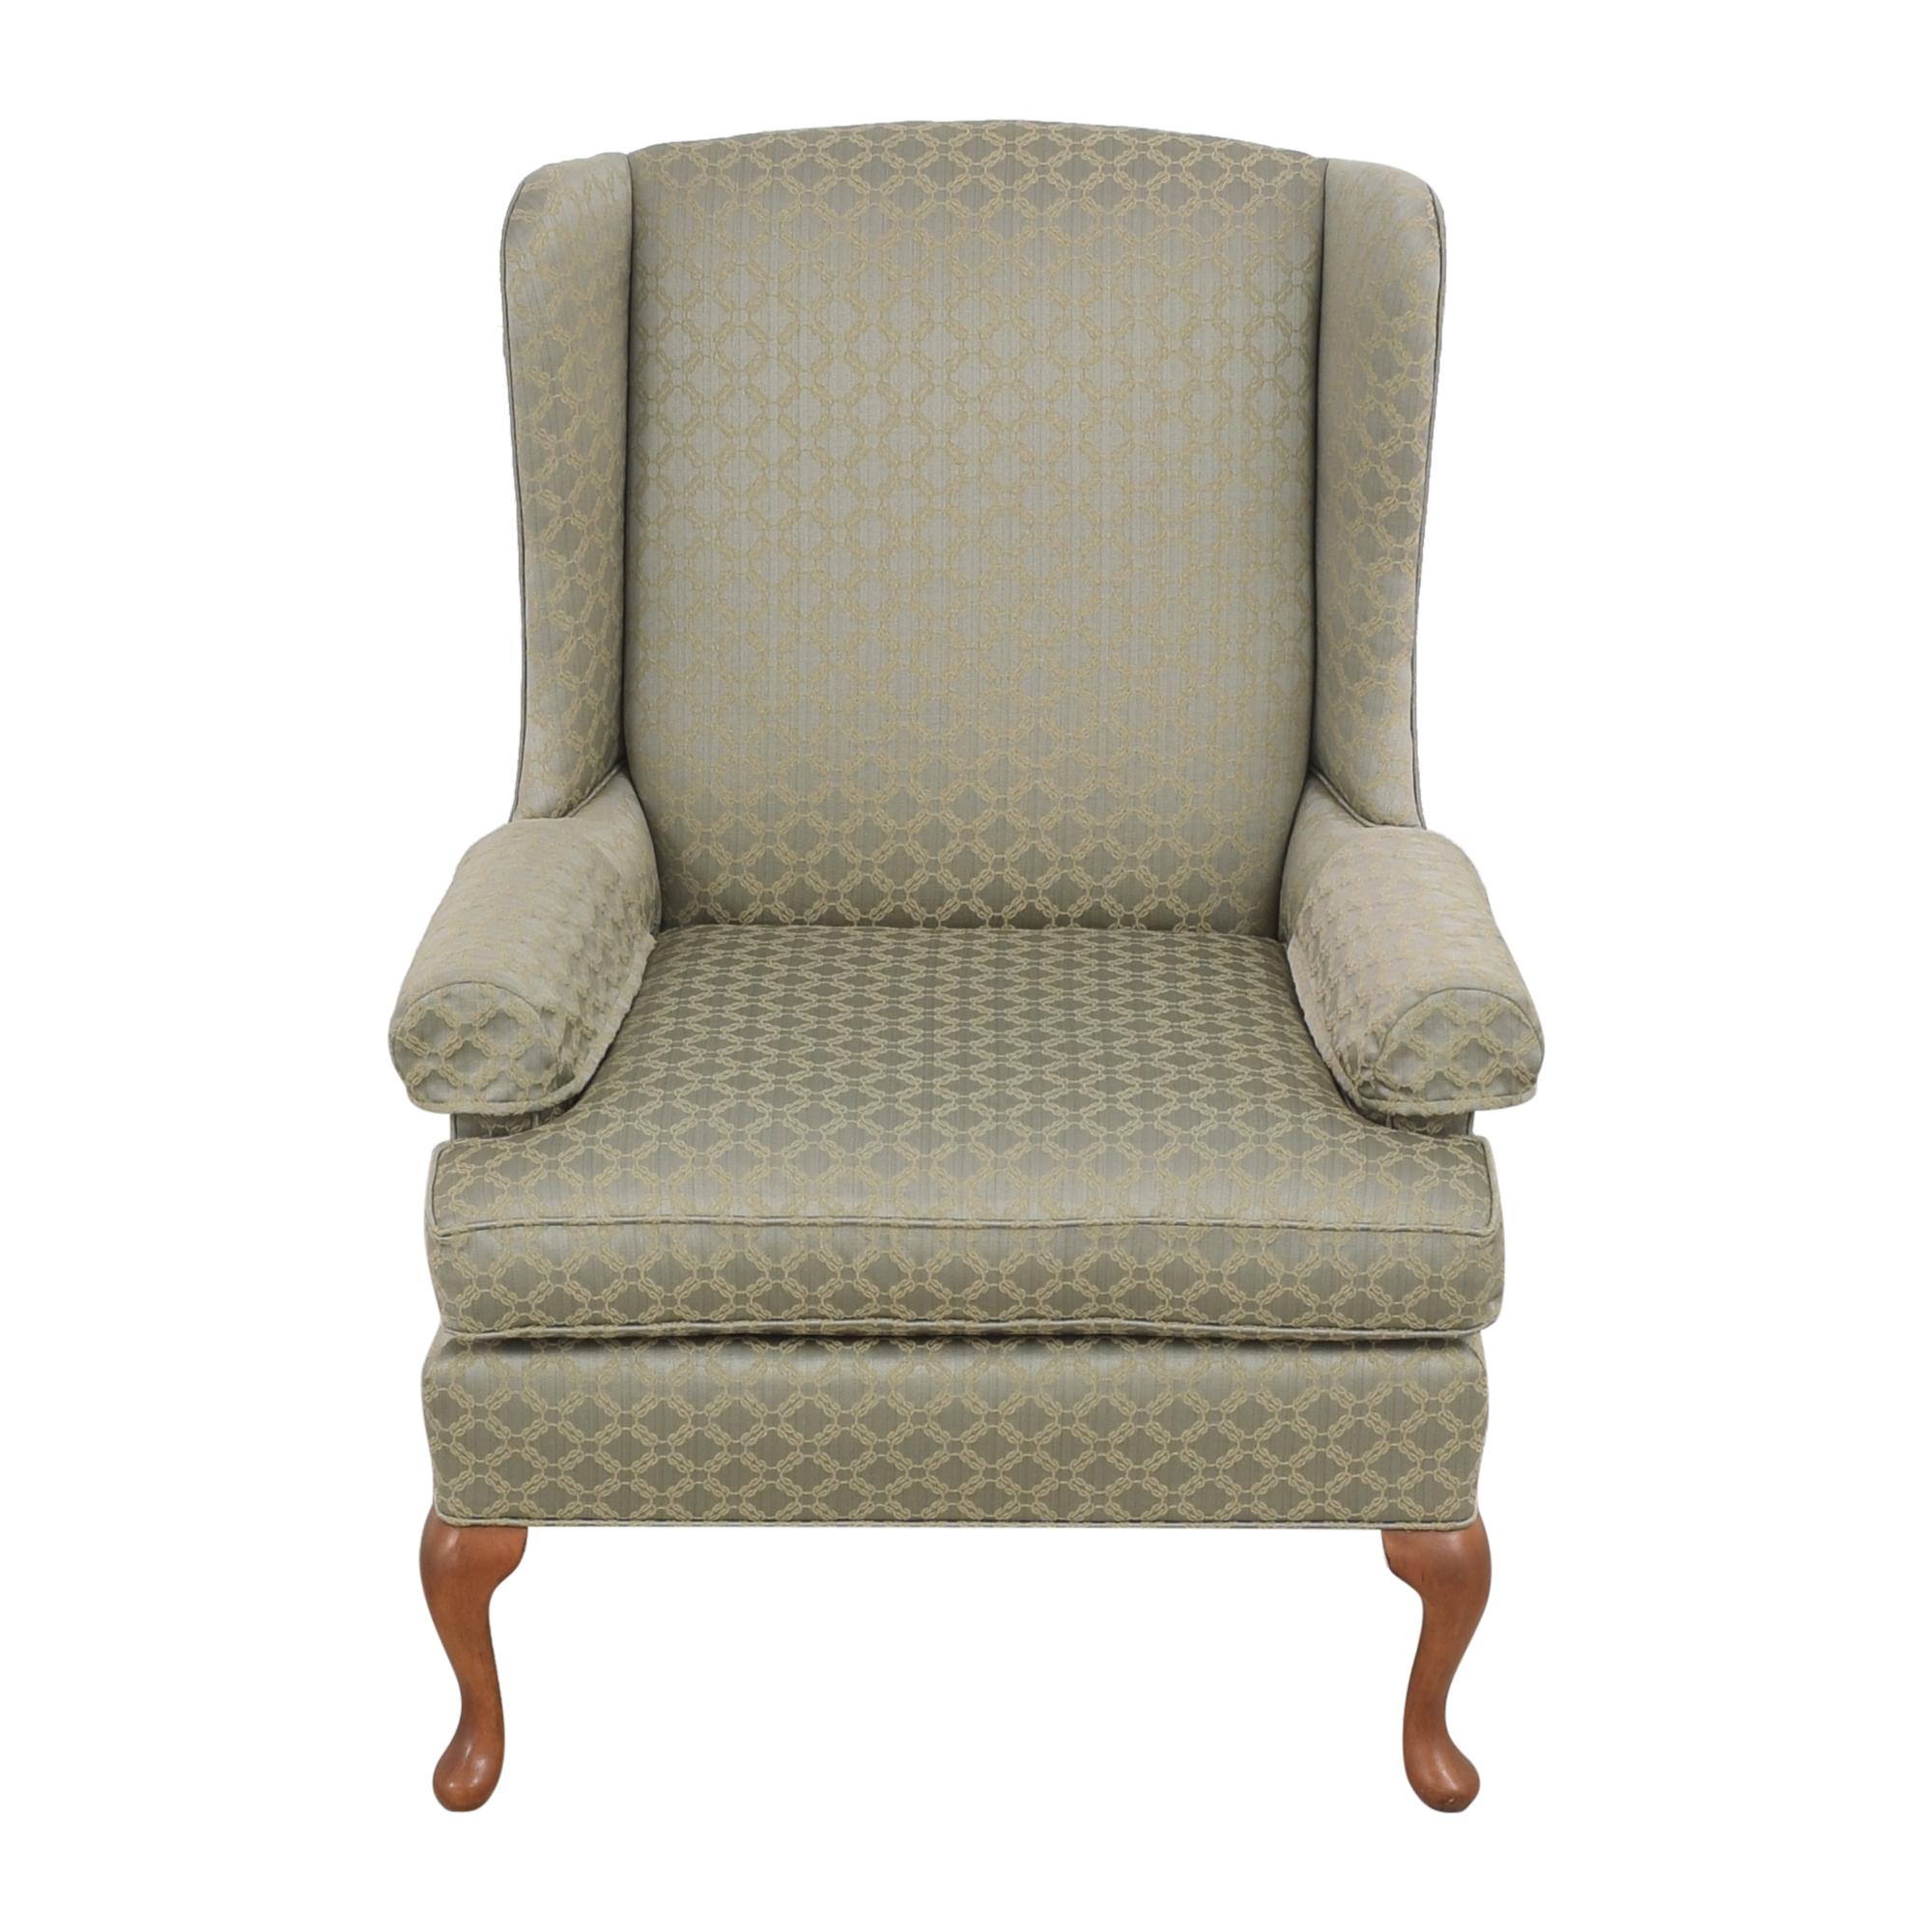 Thomasville Thomasville Wing Chair nj